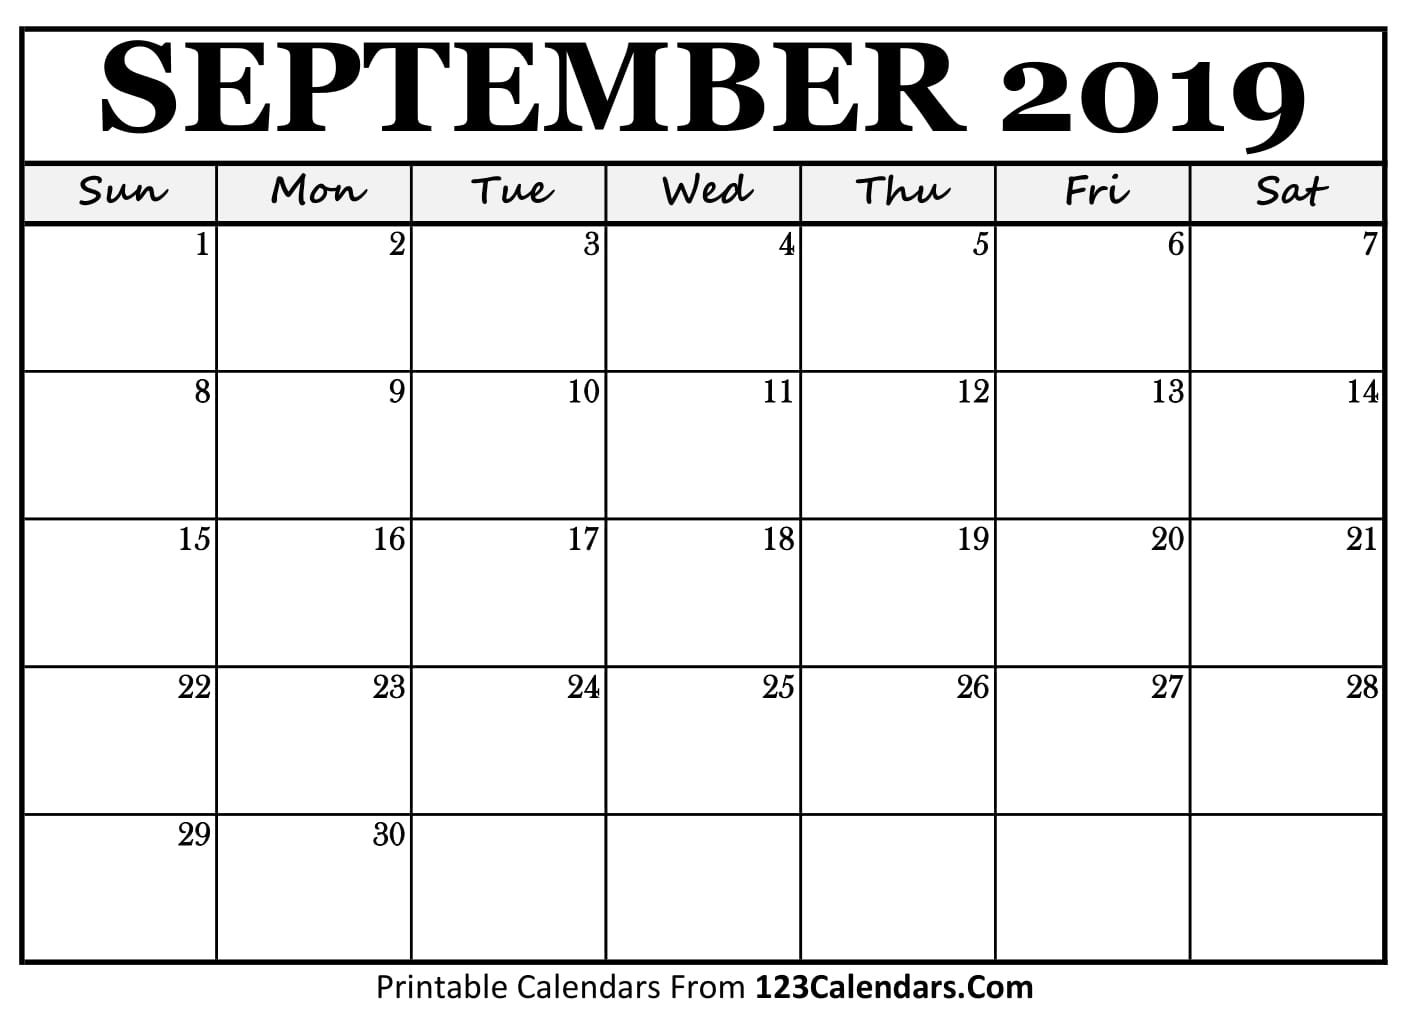 September 2019 Printable Calendar | 123Calendars inside Blank Printable September Calendar Template